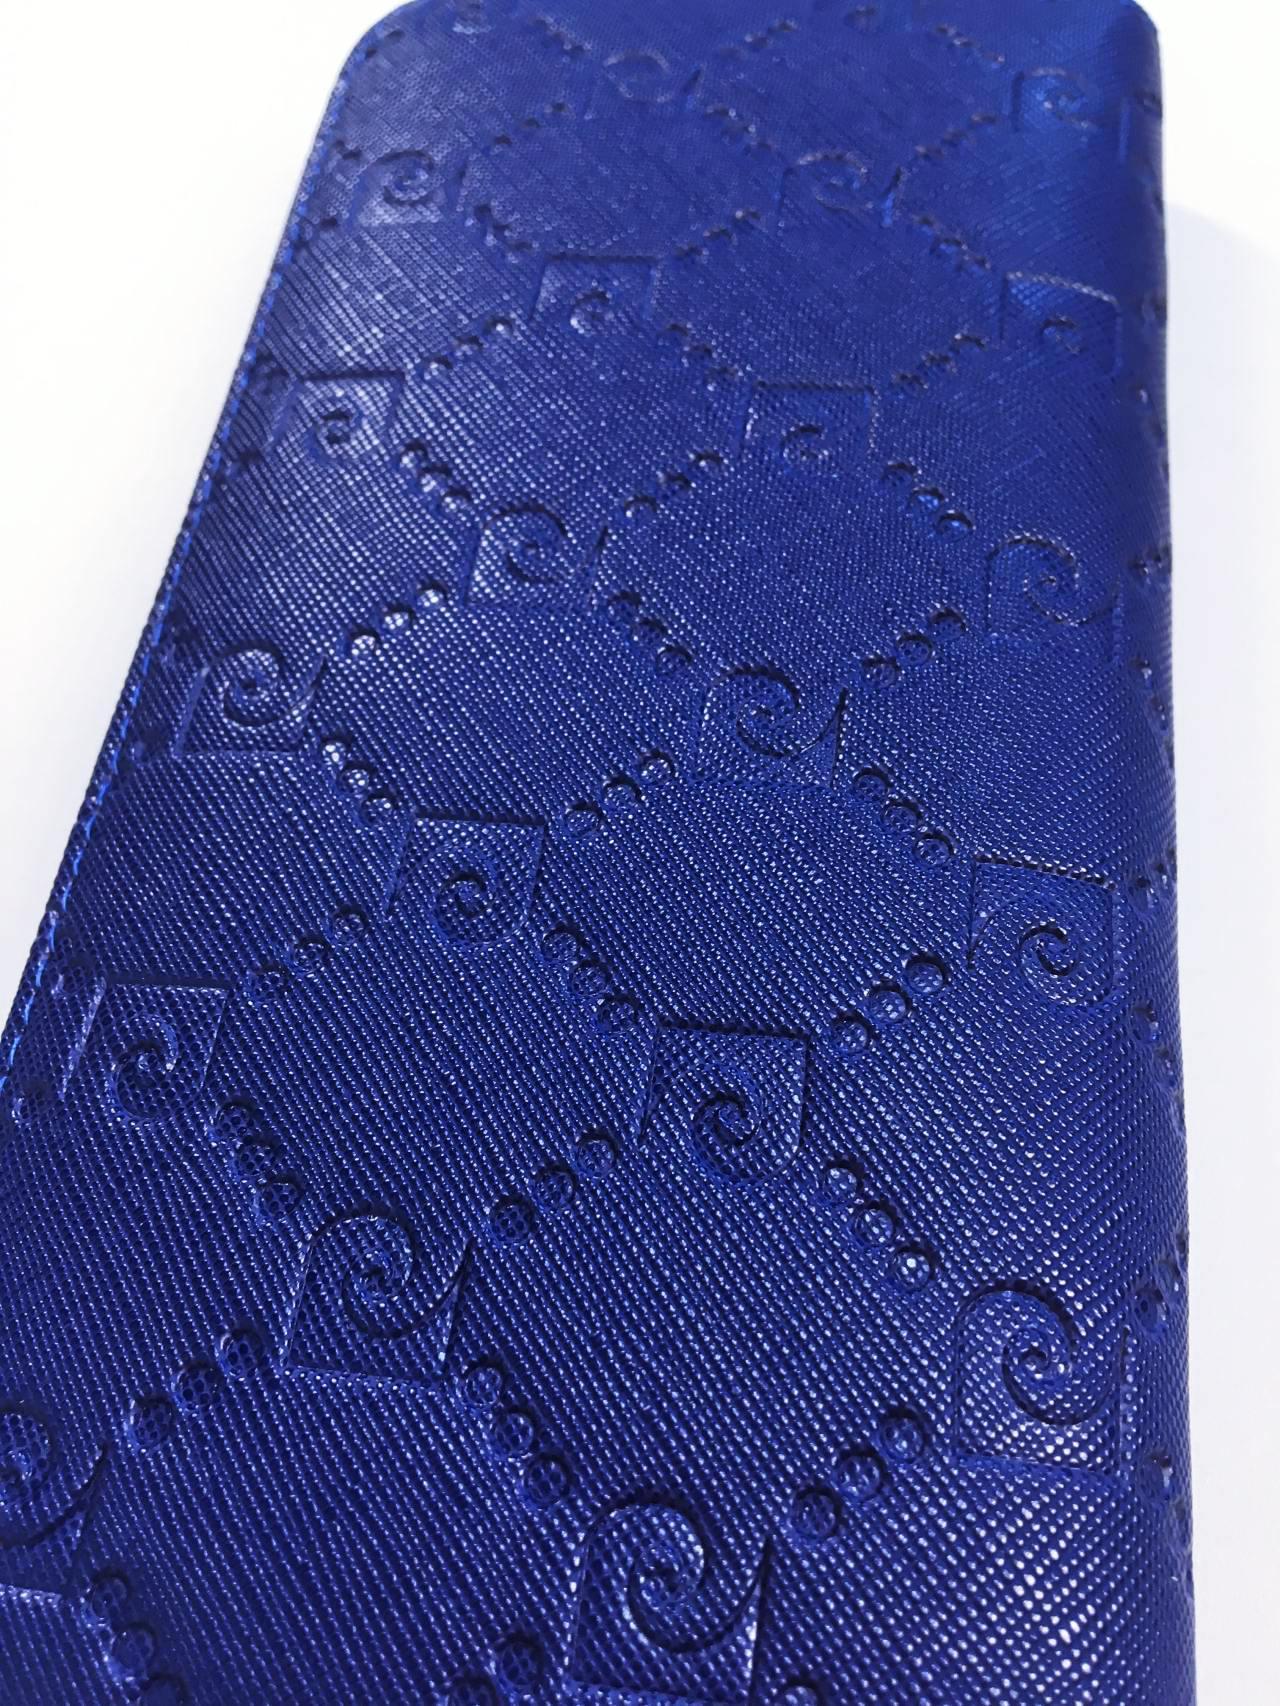 Kožená peněženka Pierre Cardin tmavě modrá 03